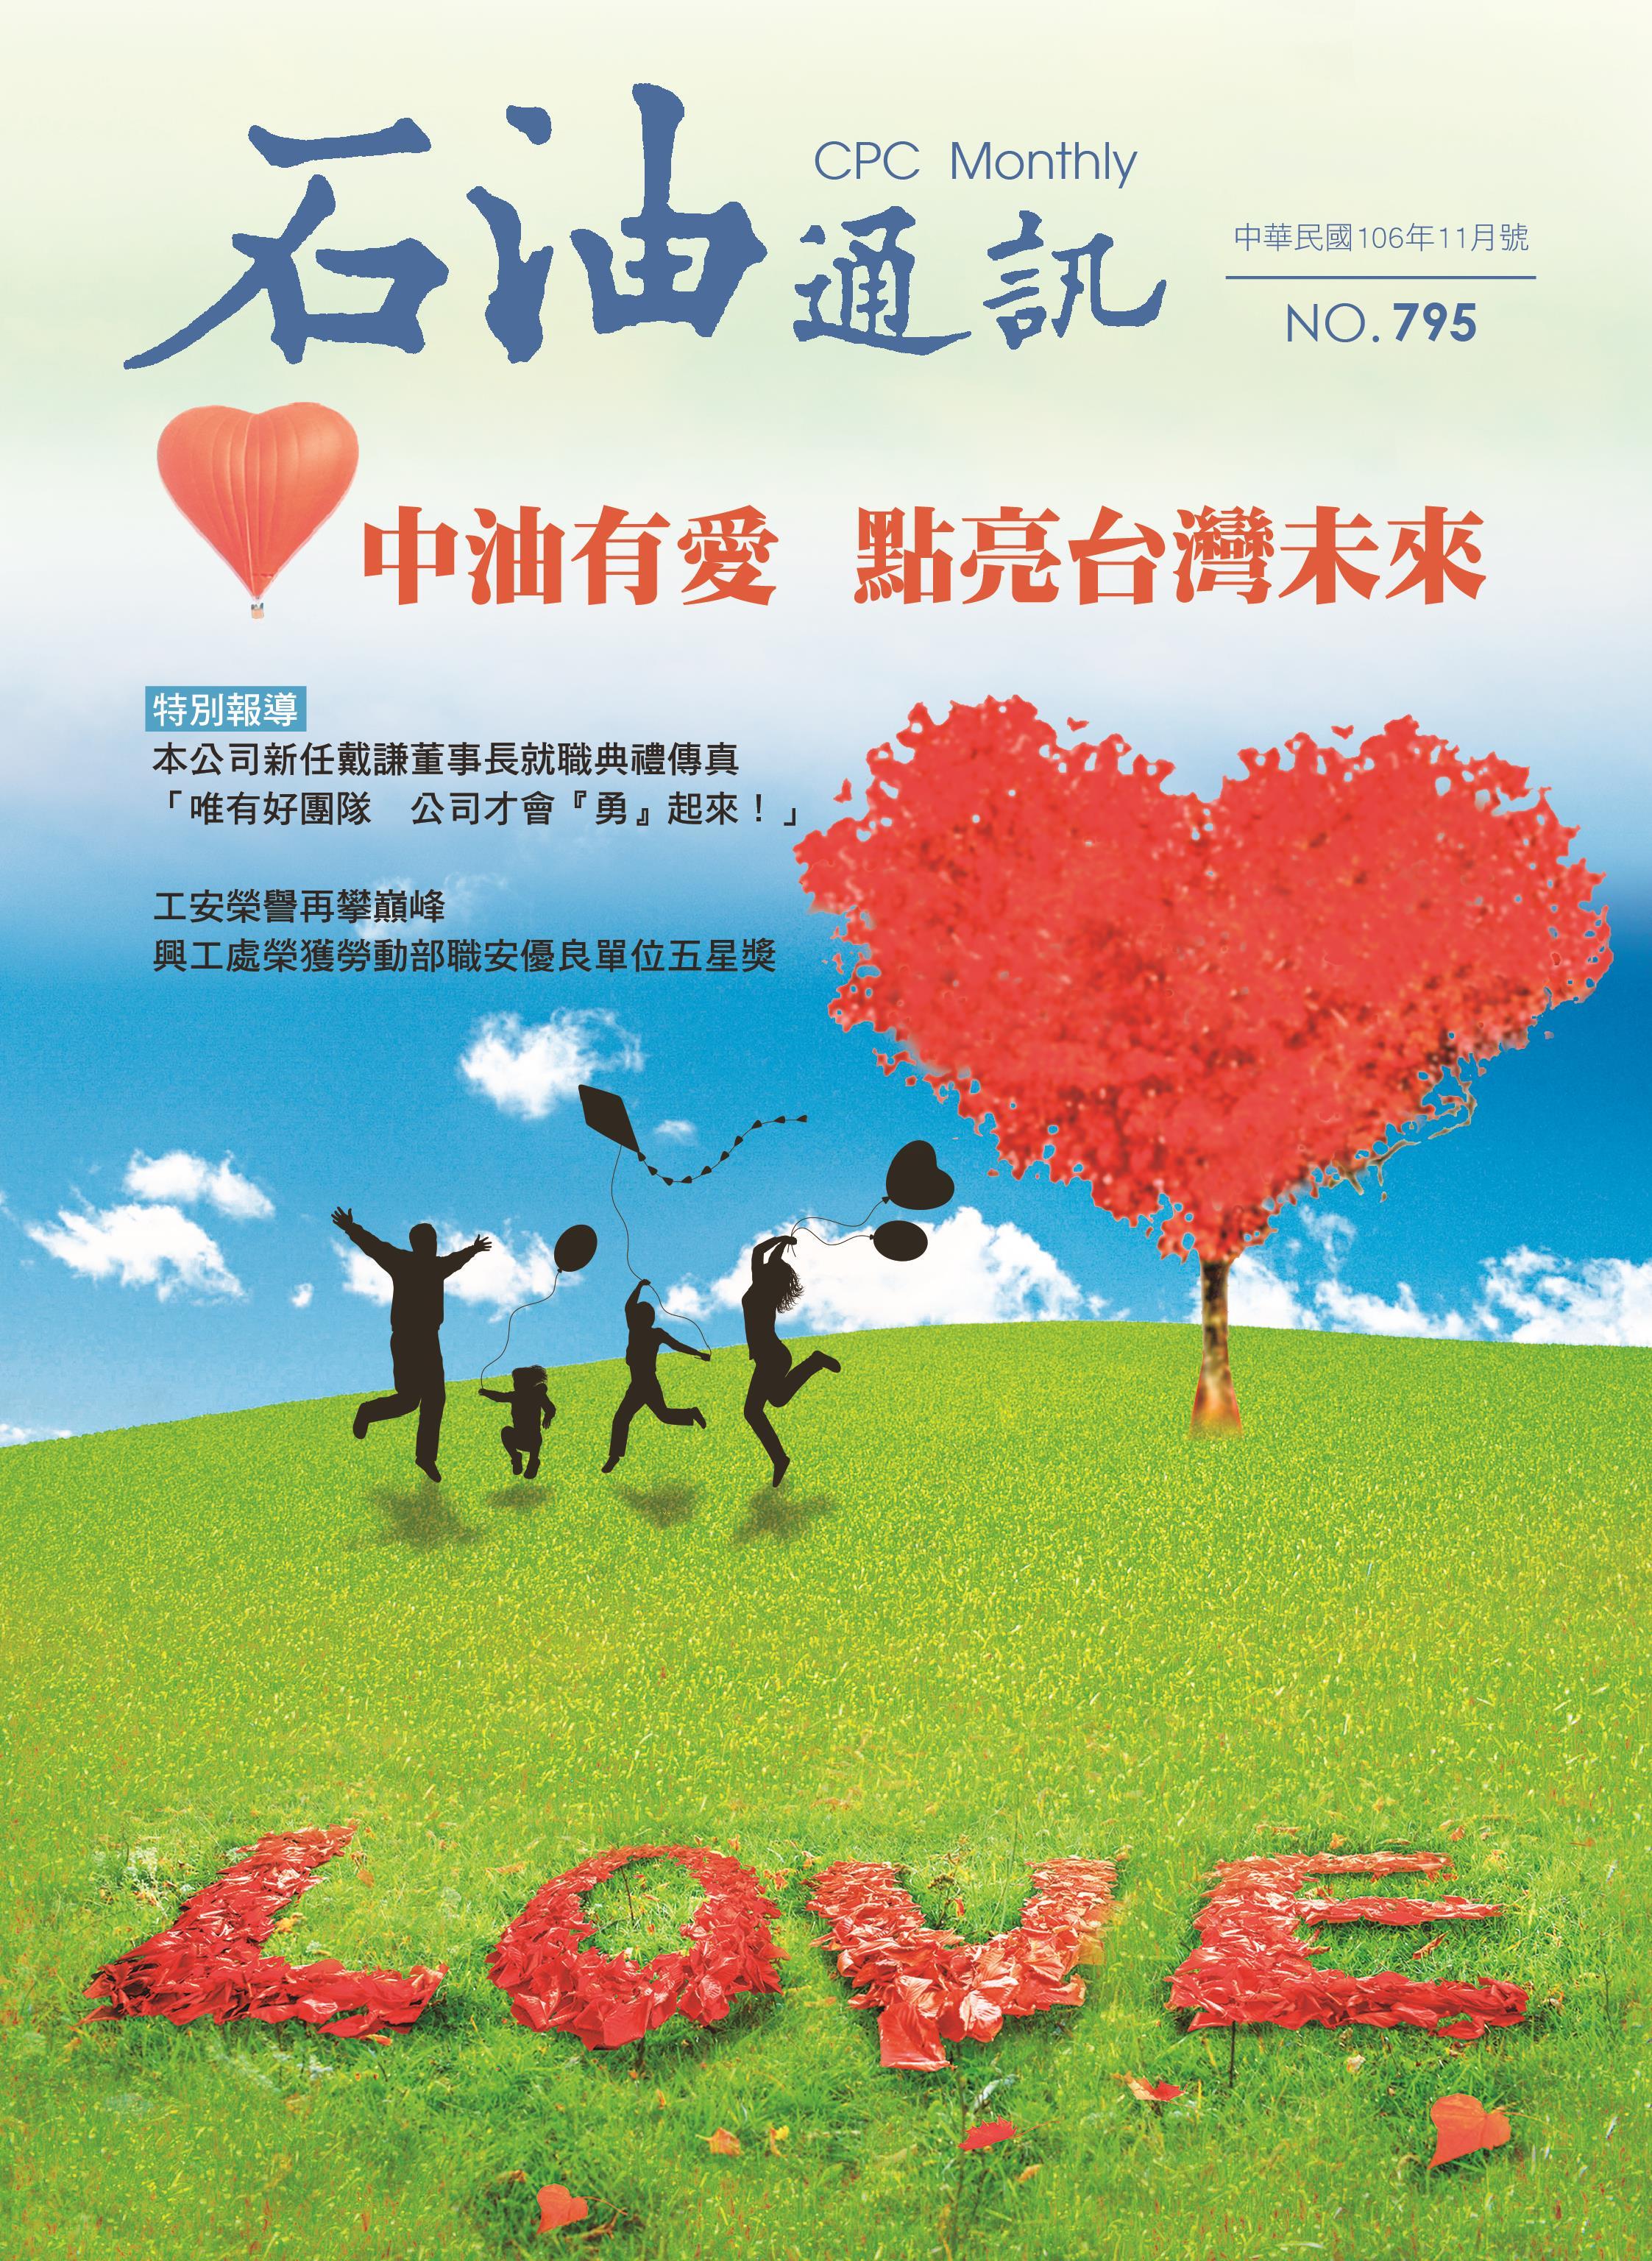 中油有愛點亮台灣未來